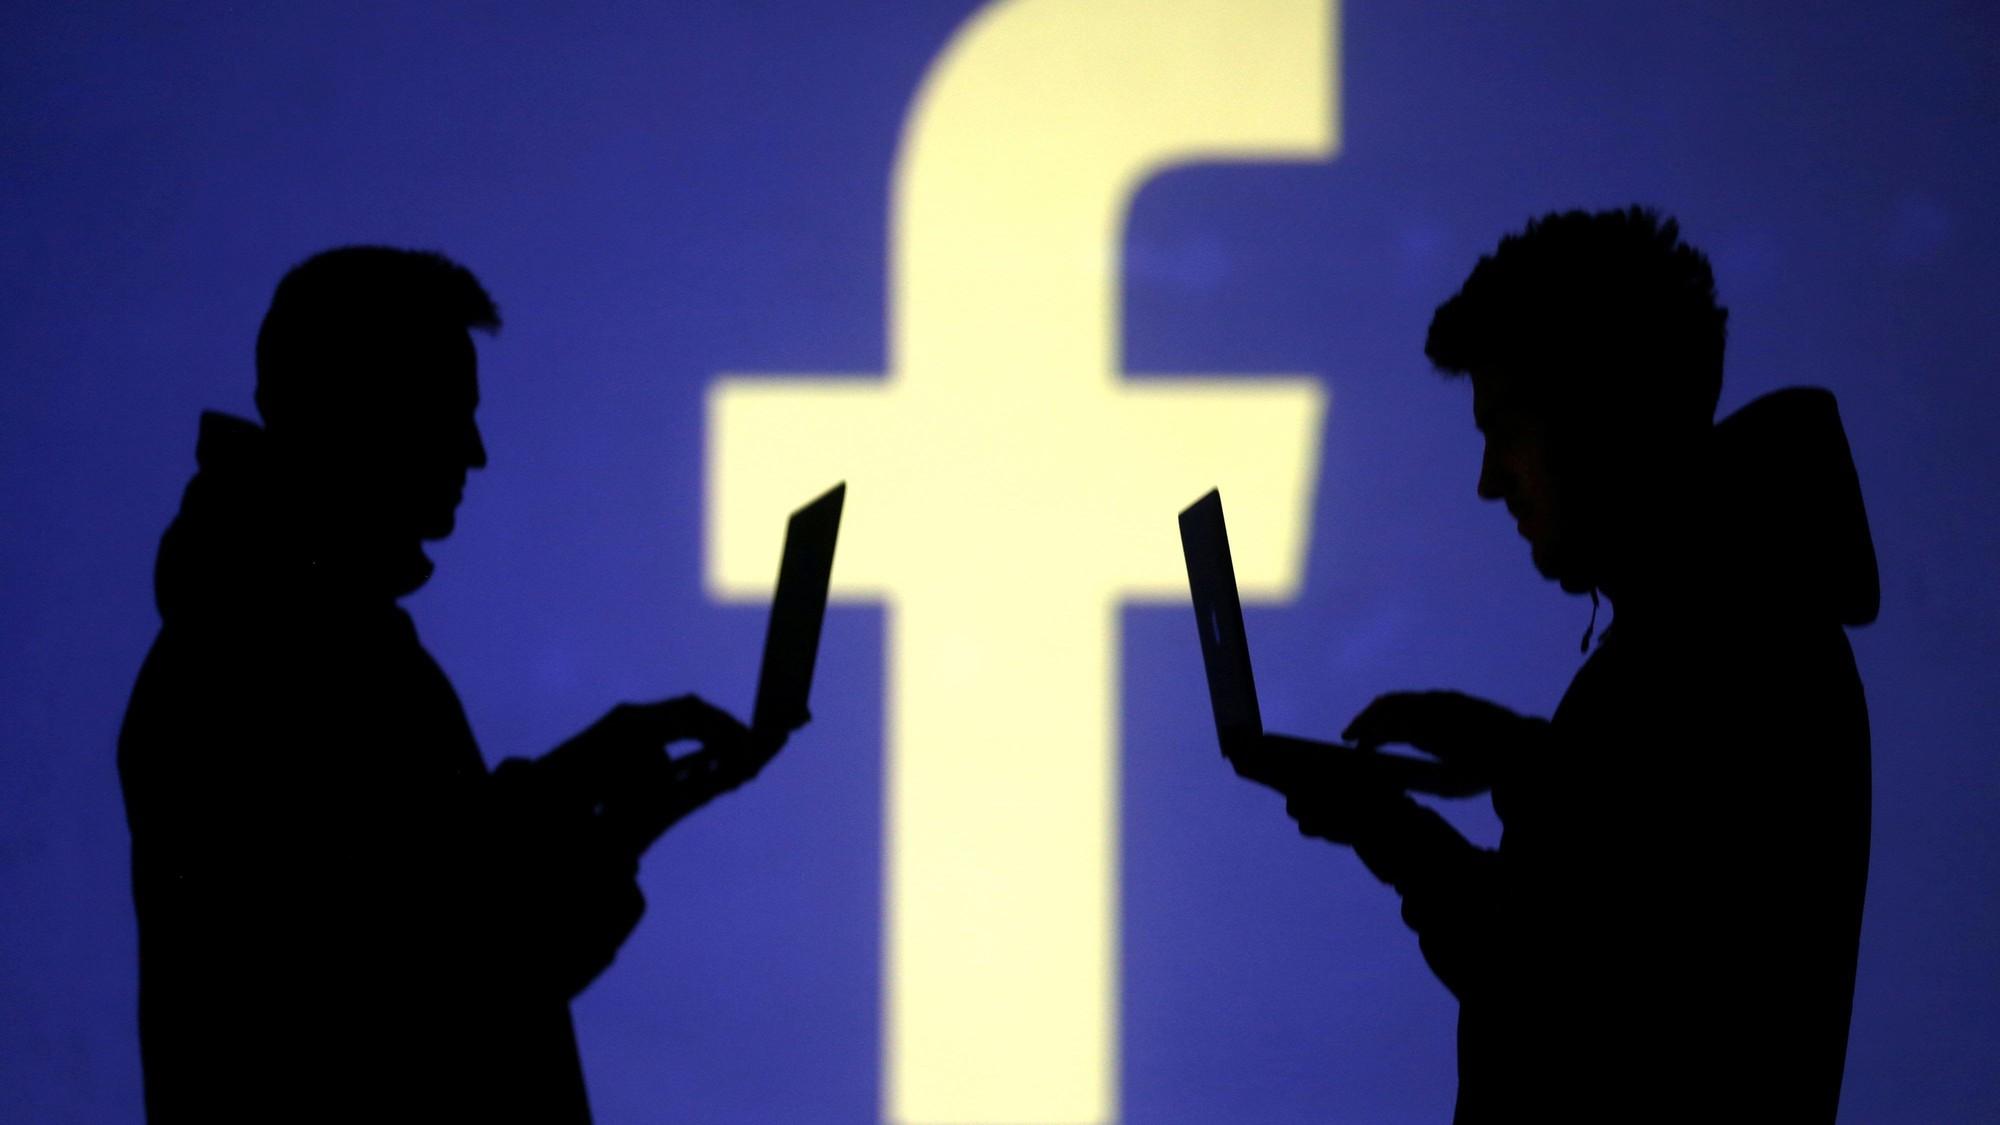 Thực hư chuyện Không dùng Facebook cũng vẫn bị thu thập dữ liệu như lời Mark Zuckerberg nói - Ảnh 2.